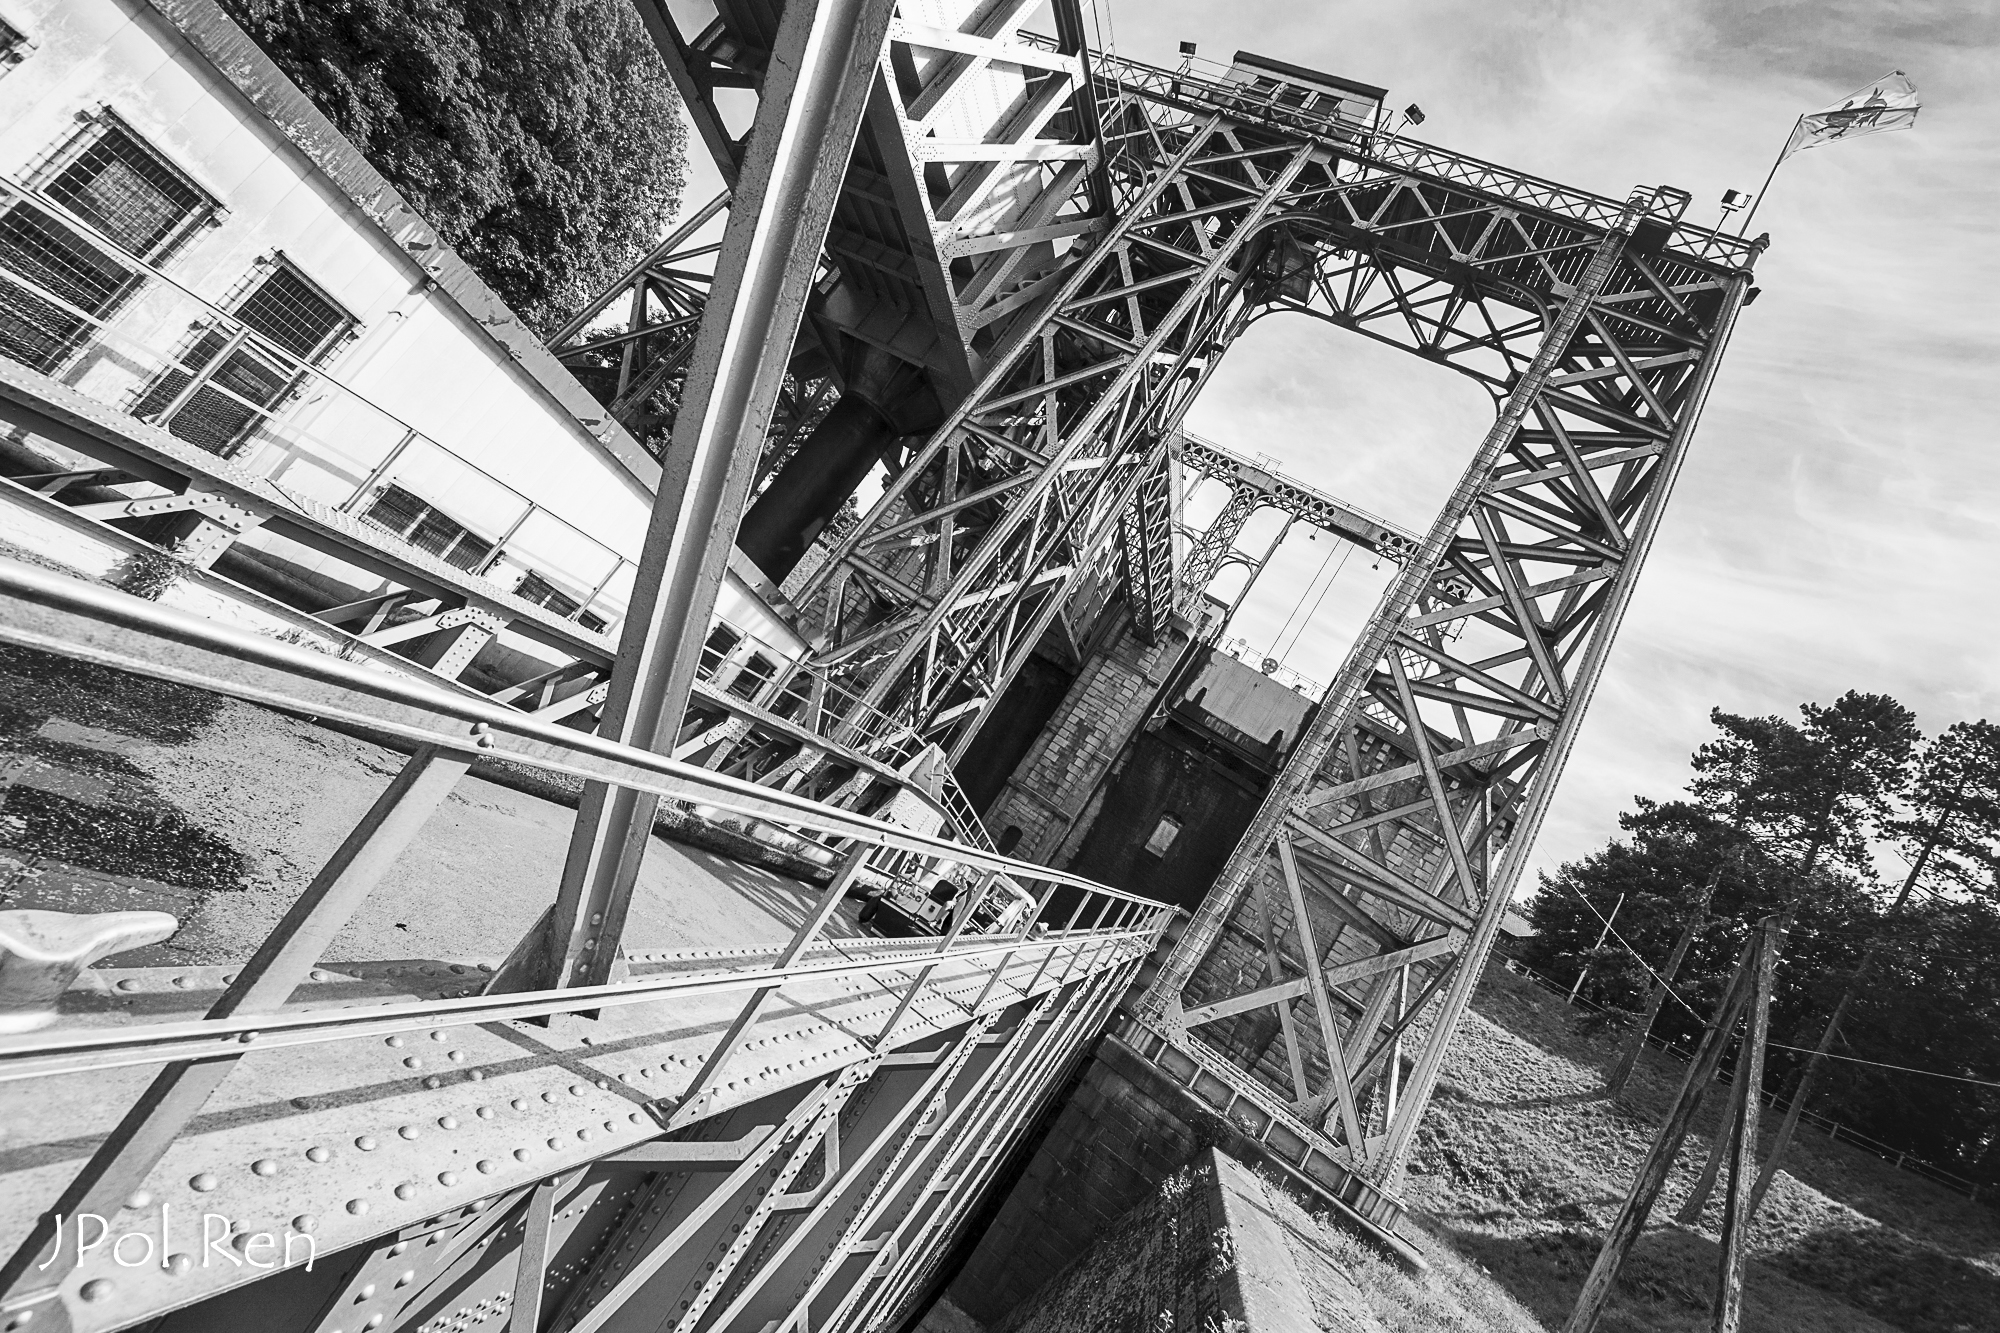 Sortie Ascenseurs canal du centre : Photos 306450GG09asc08317